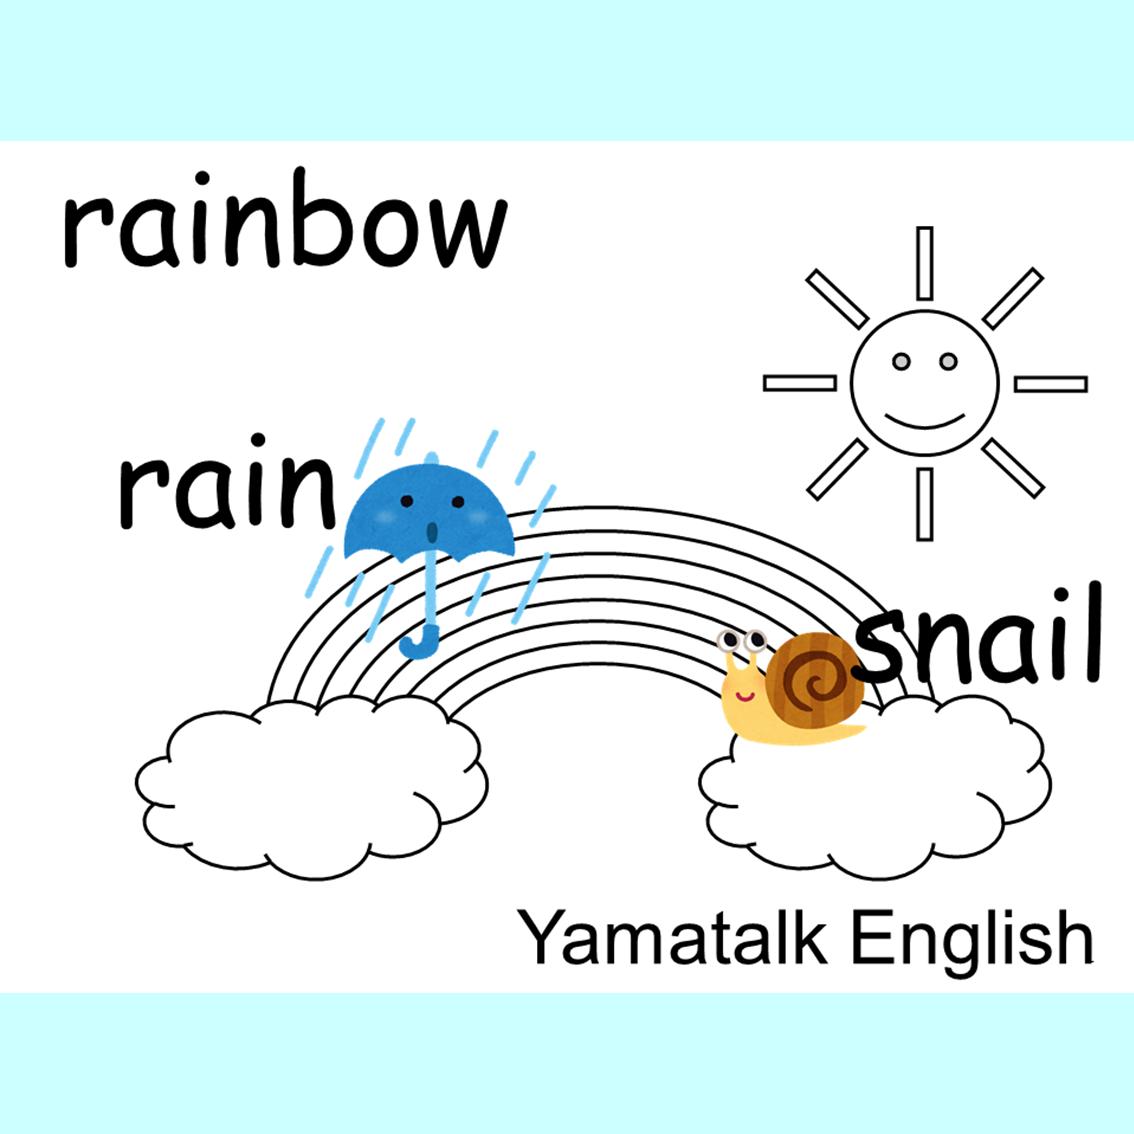 雨の時期に'ai'の音を学ぶ、さらに違うスペルも